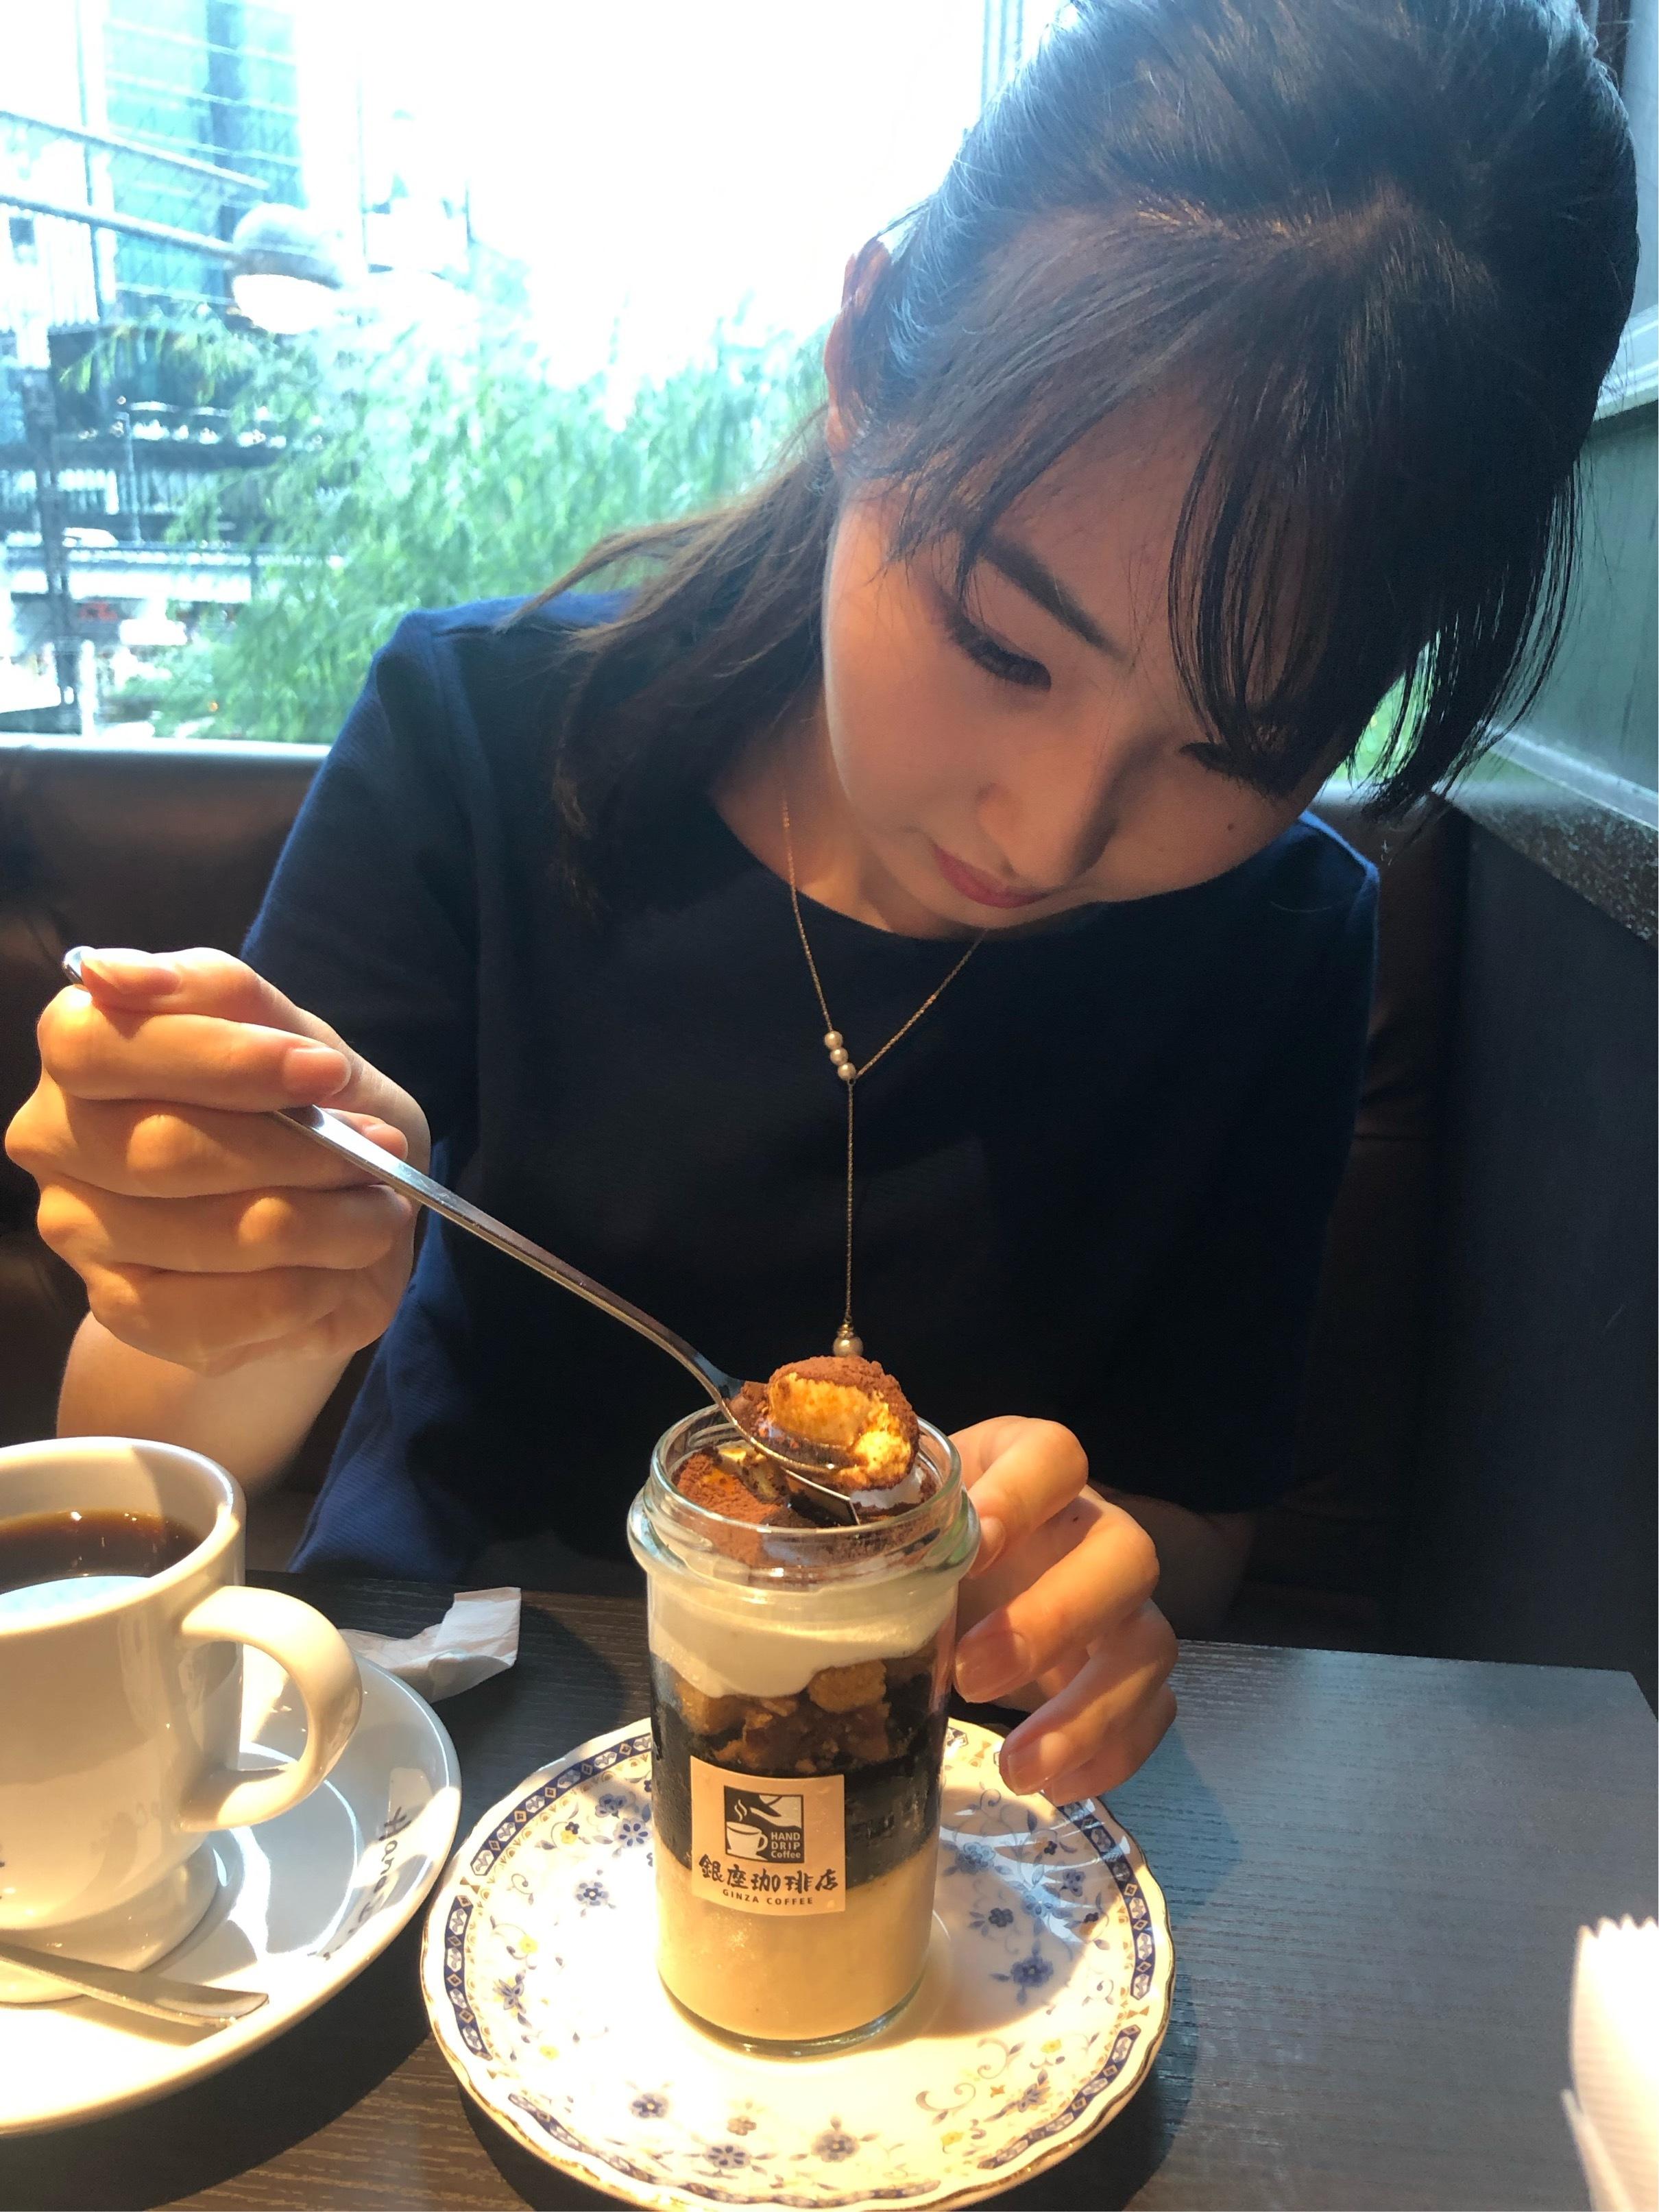 銀座の昔ながらの喫茶店♪【パンケーキ】_1_5-1